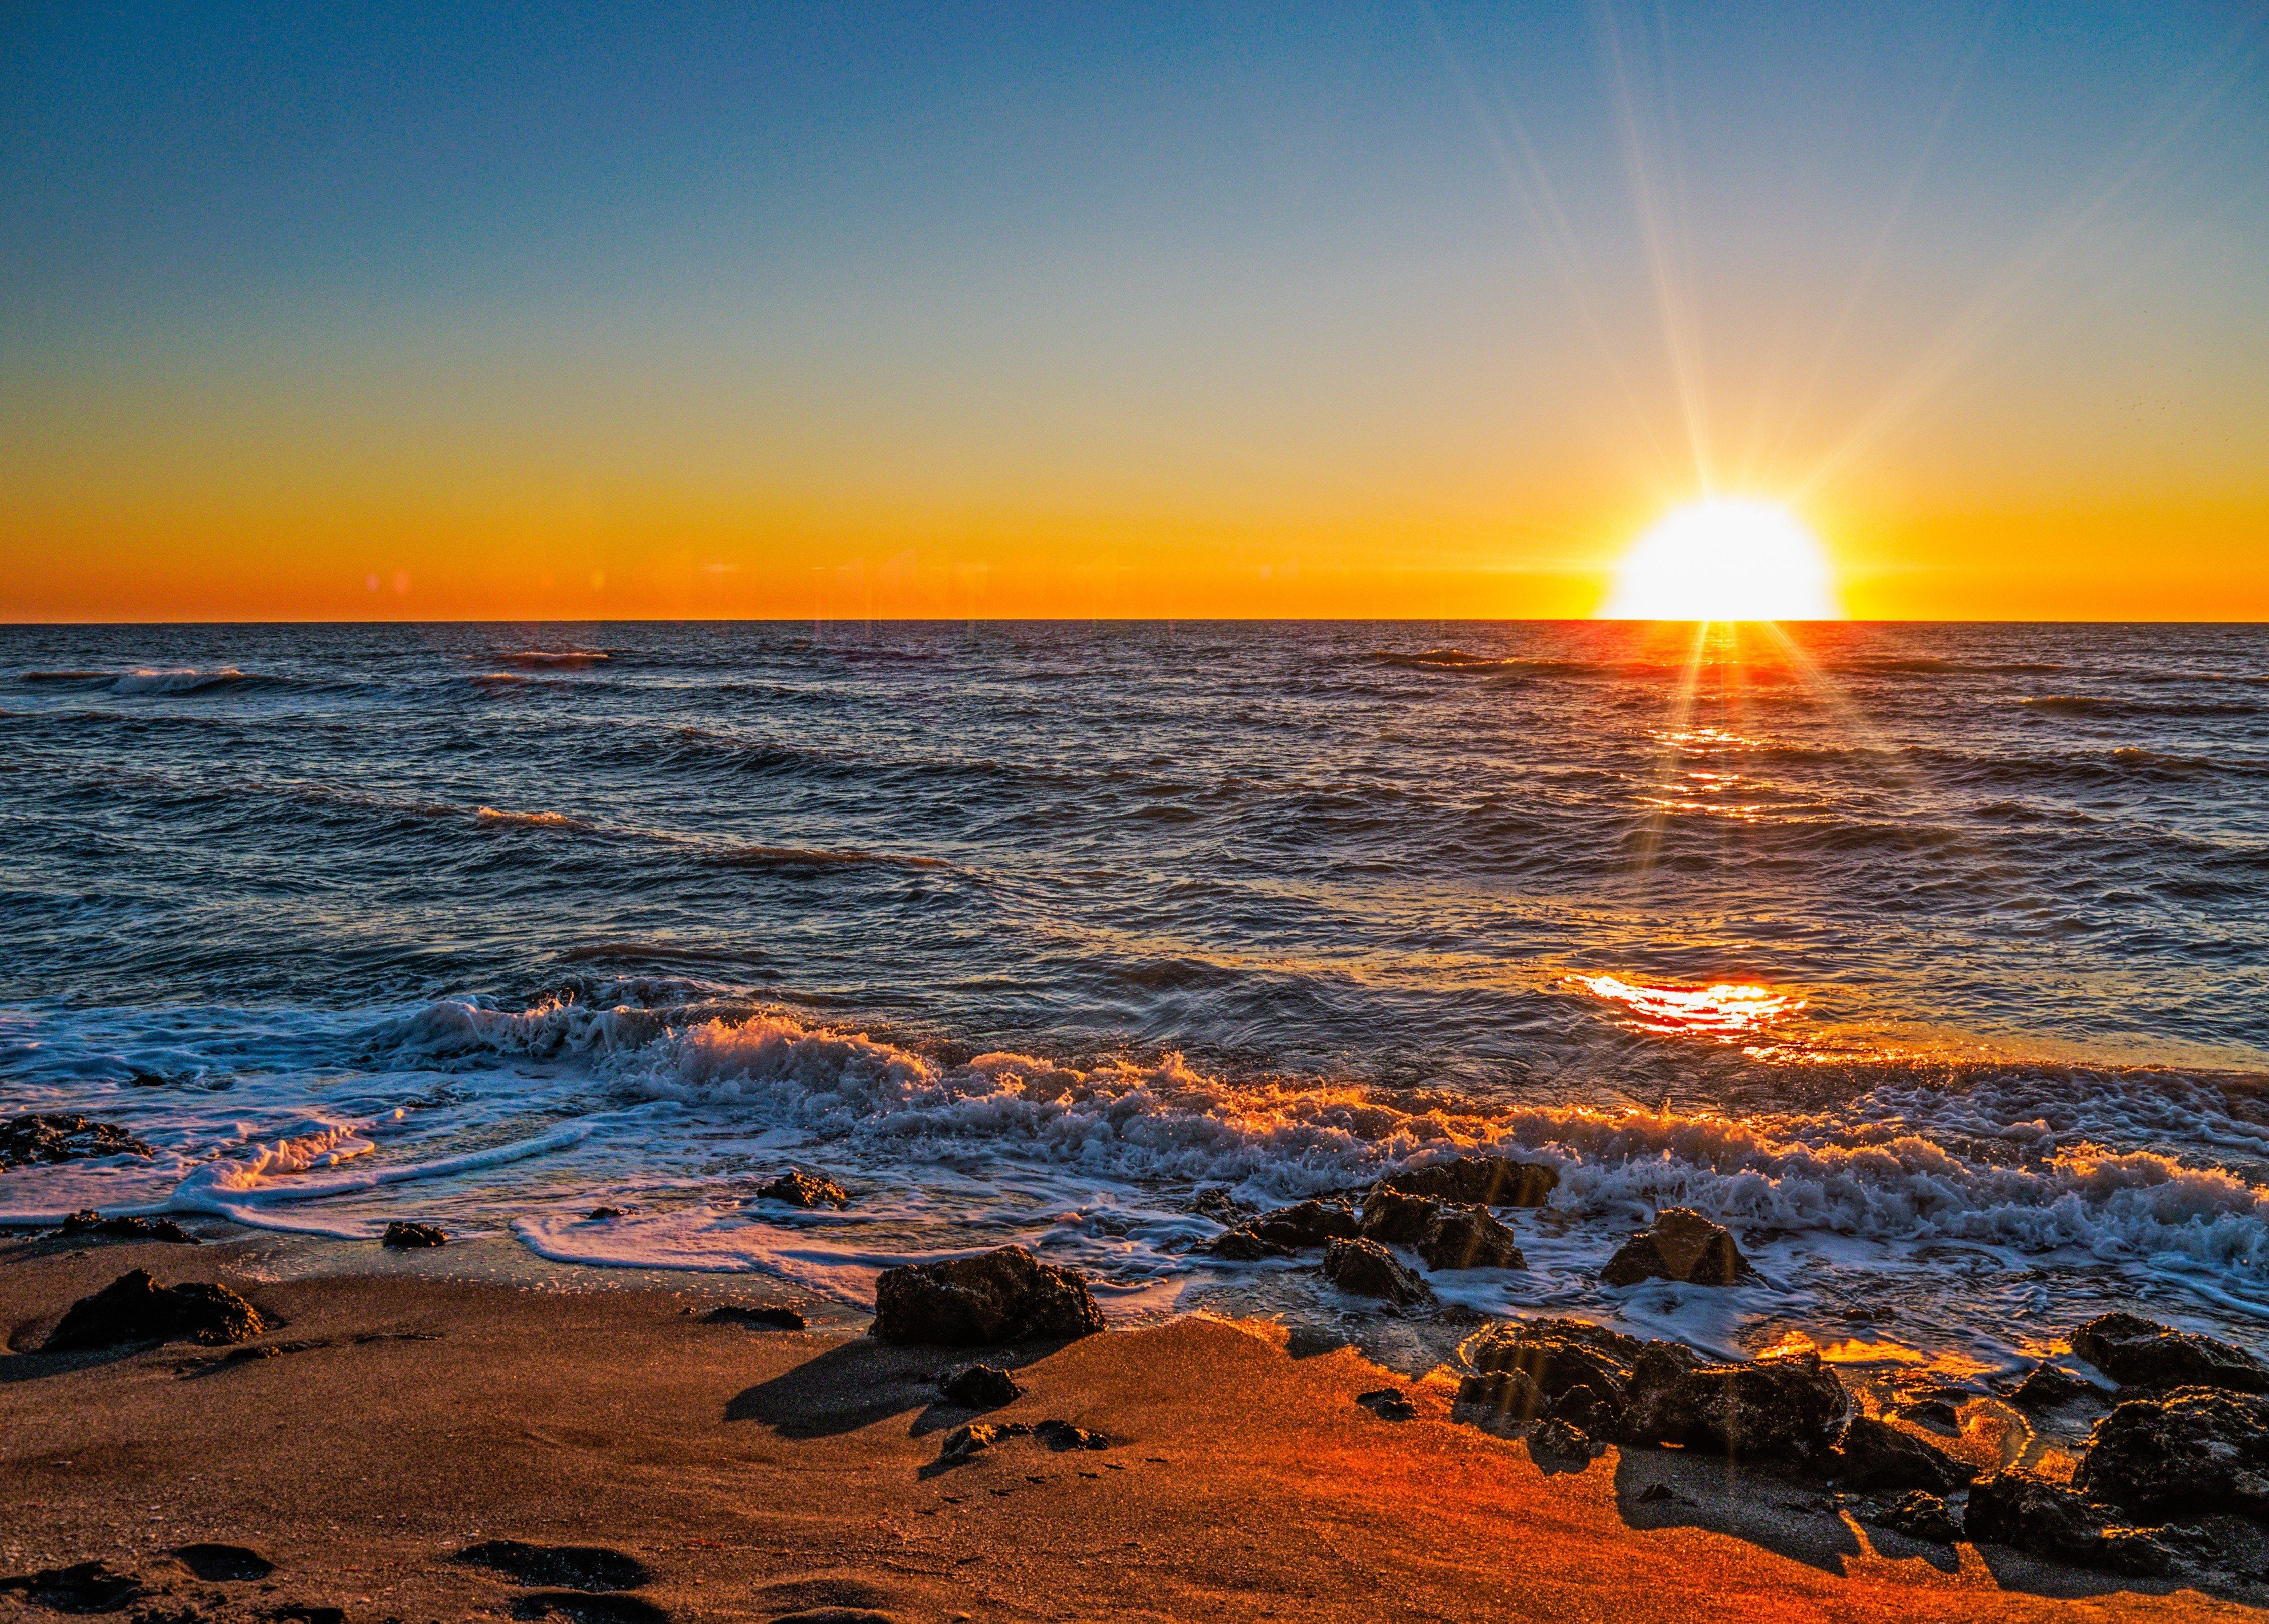 картинки закат на берегу моря должны находиться находиться